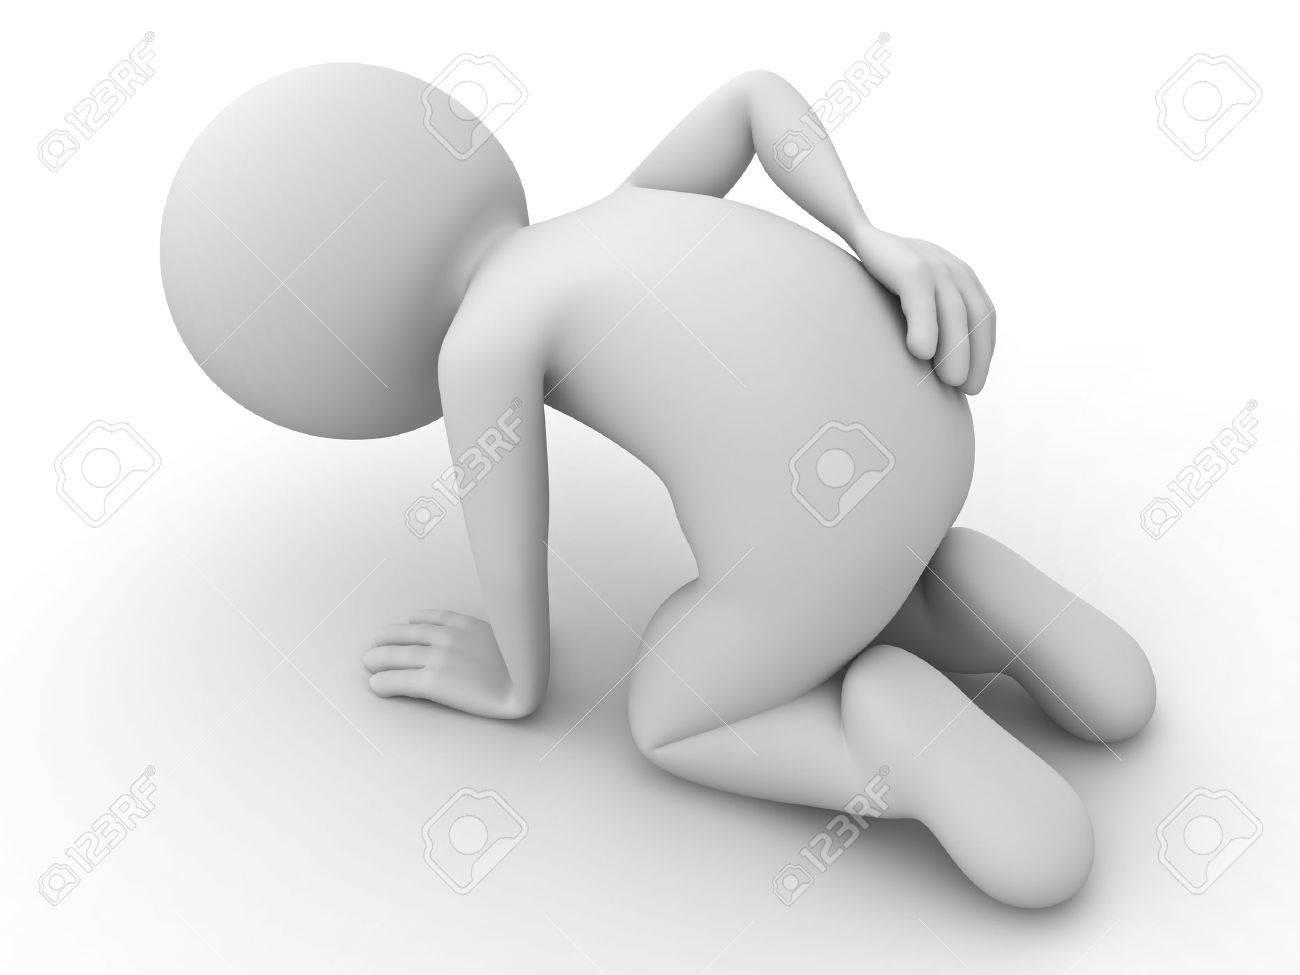 3d homme assis avec des maux de dos sur fond blanc Banque d'images - 25335769